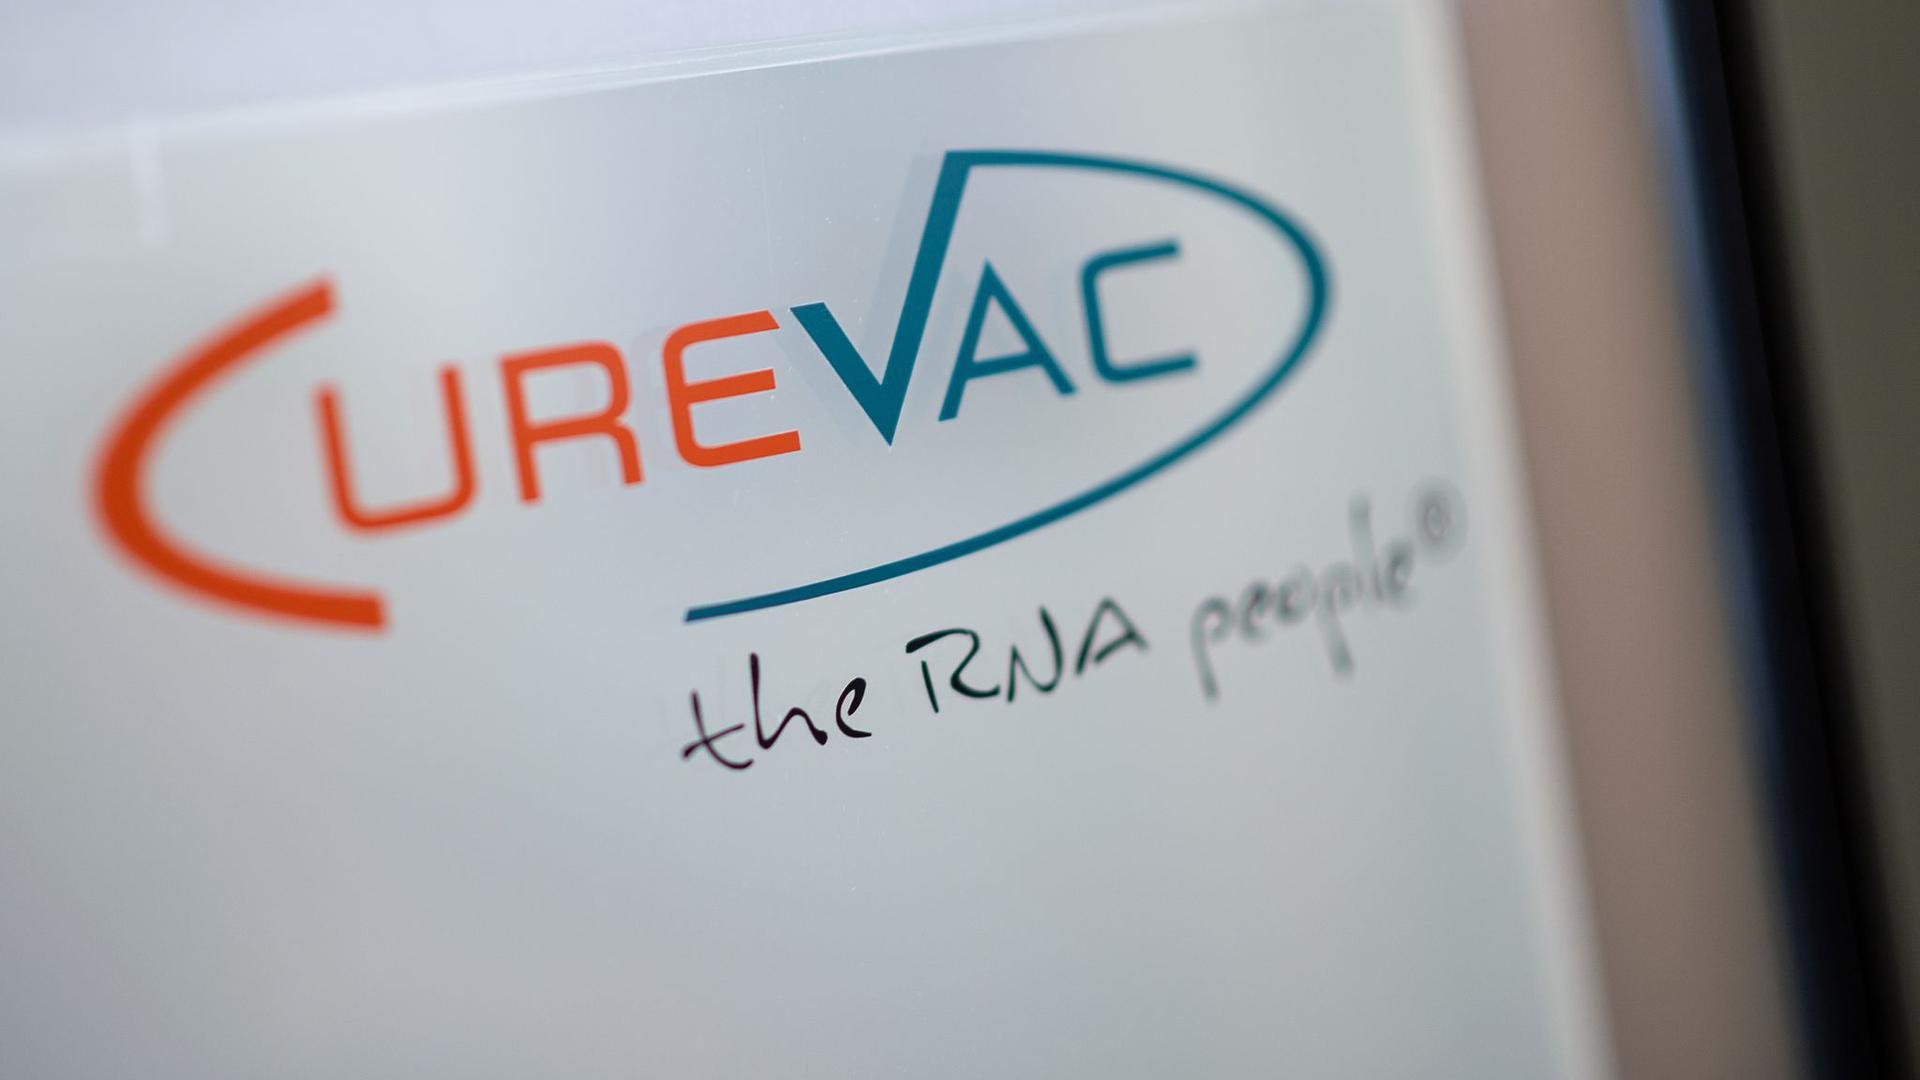 """Das Logo des biopharmazeutischen Unternehmens CureVac steht mit dem Slogan """"the RNA people"""" auf einer Scheibe."""